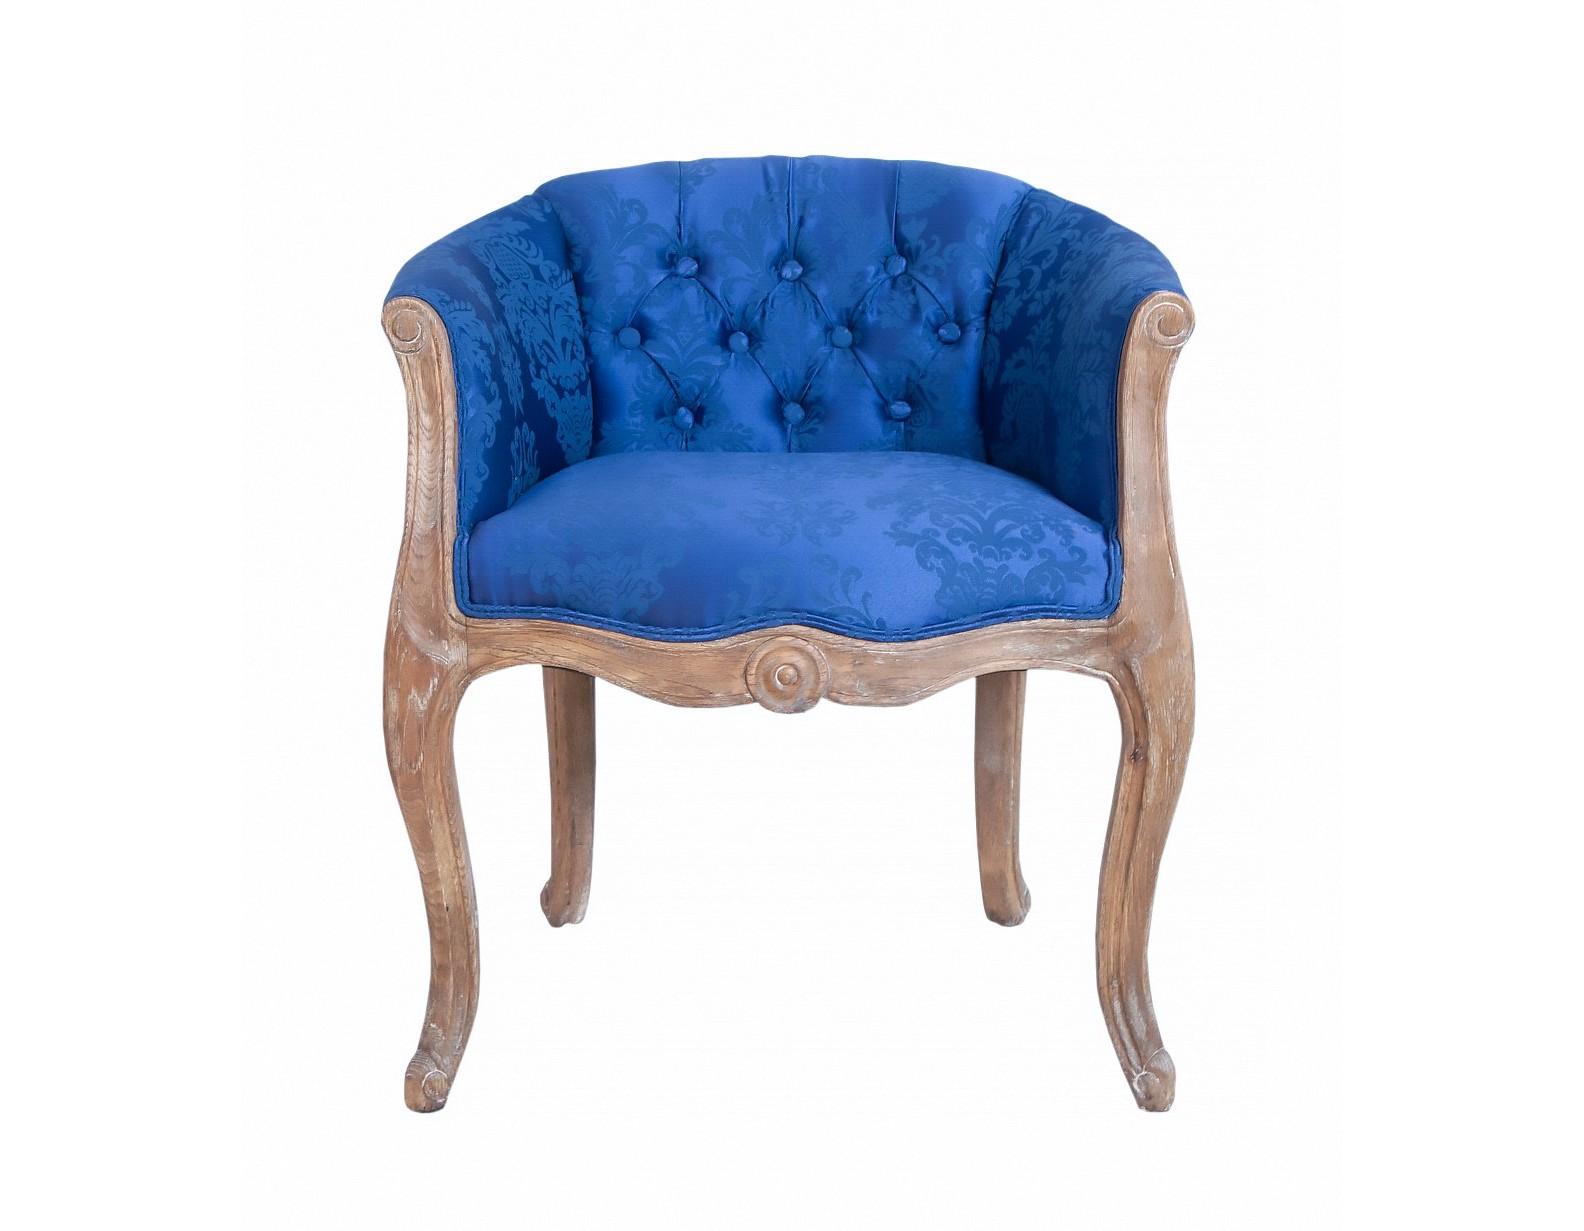 Кресло Kandy blueПолукресла<br>Роскошные классические формы кресла Kandy как нельзя лучше передают настроения французского стиля прованс. Кресло с основанием из натурального дерева,искусственно состаренног, для придания эффекта винтажности, спинка выполнена в технике каретная стяжка.Такое очаровательное кресло отлично уживется в интерьере классического современного стиля гостиннй или спальне.&amp;amp;nbsp;<br><br>Material: Текстиль<br>Width см: 64<br>Depth см: 56<br>Height см: 68